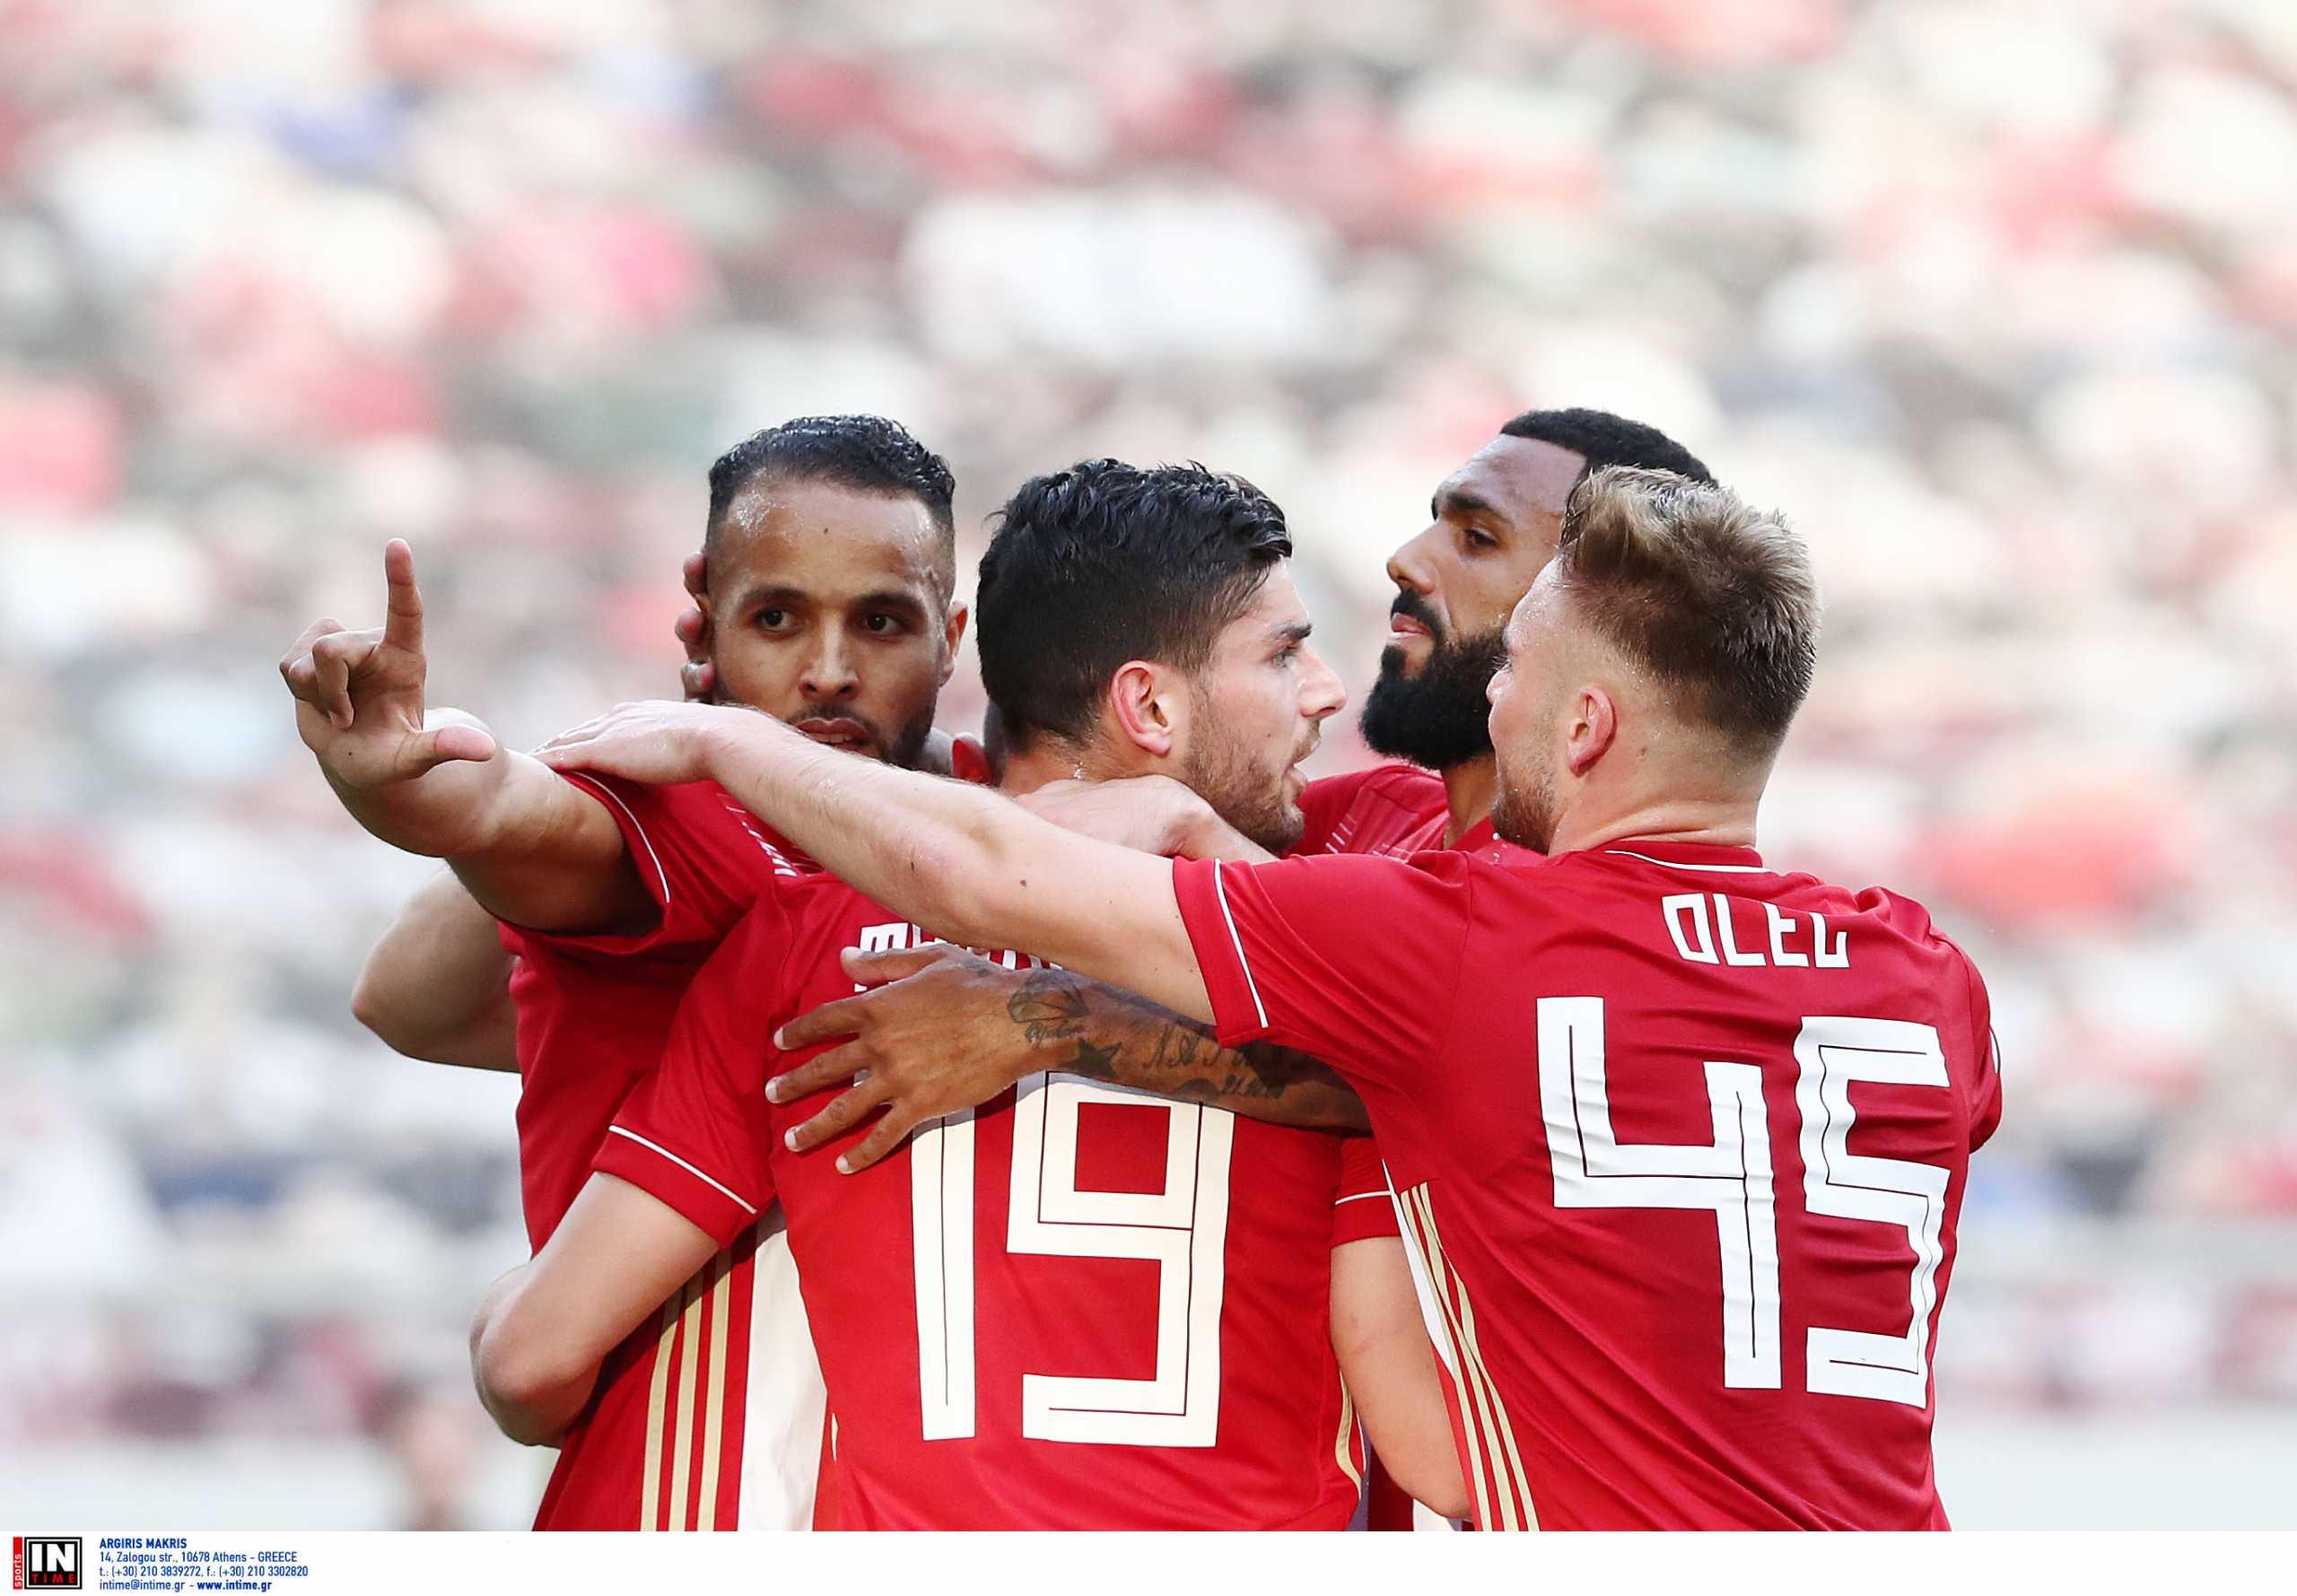 Ολυμπιακός – ΠΑΣ Γιάννινα: Με «καυτό» Ελ Αραμπί προκρίθηκε στον τελικό